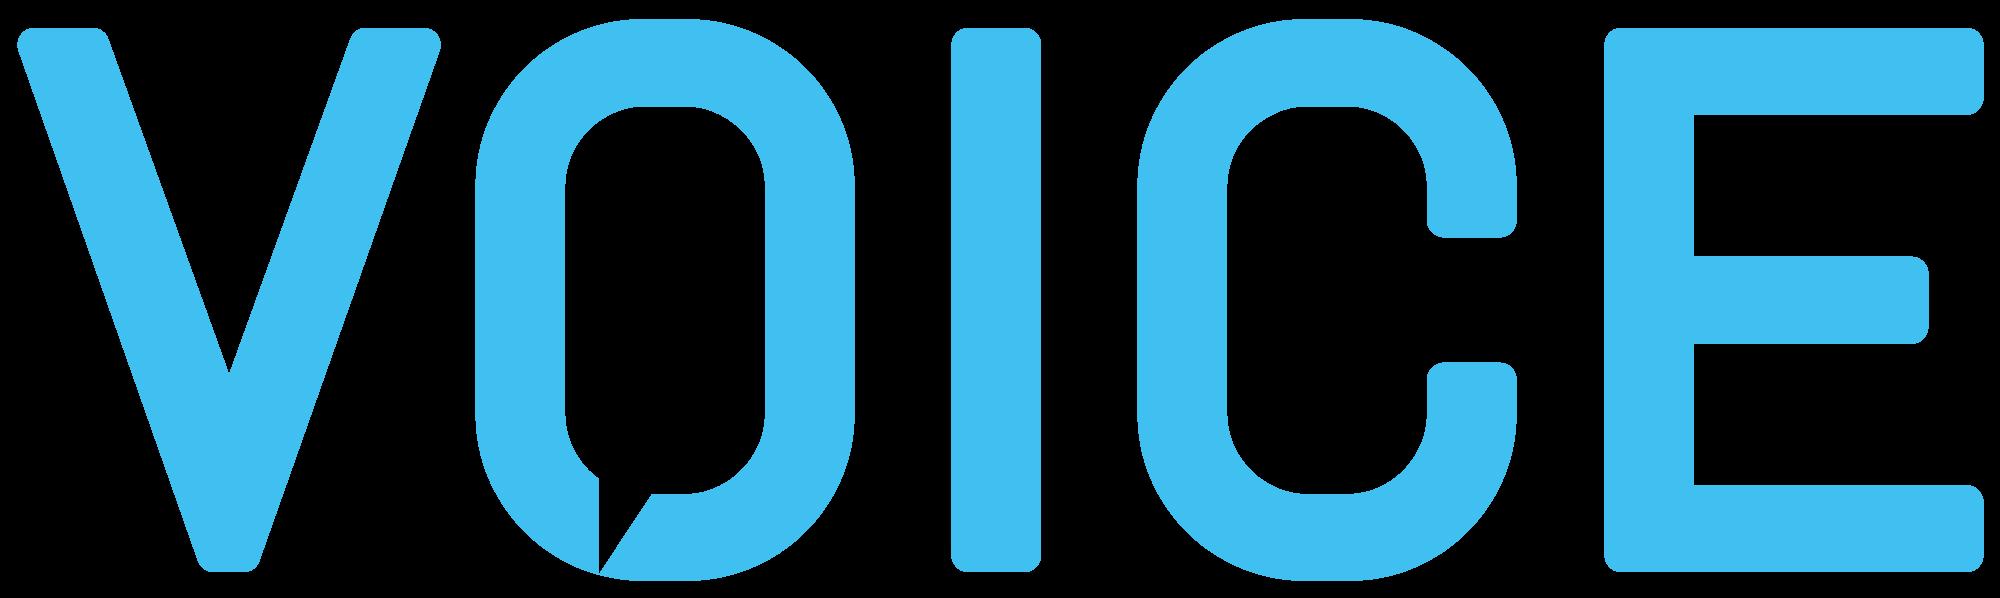 voice_logo_blue_transparent